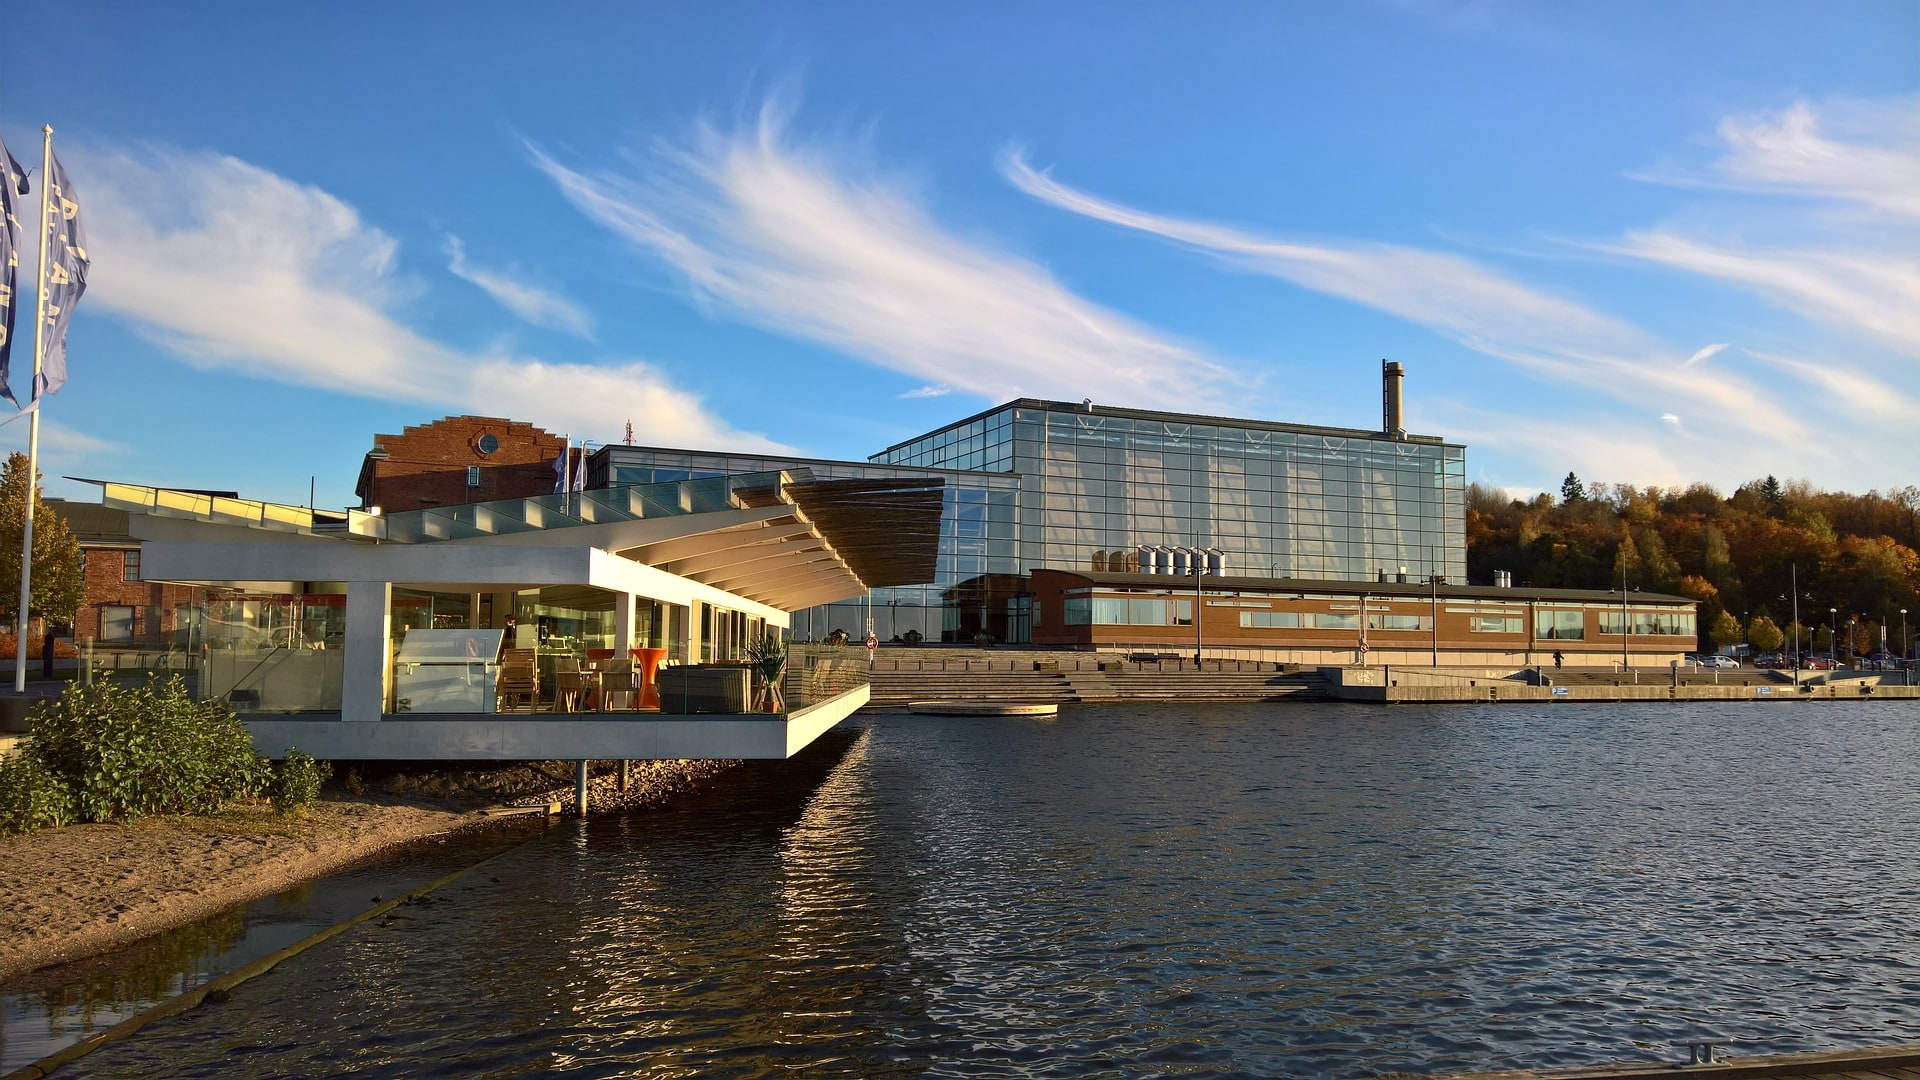 Das Sibelius Haus in Lahti ist komplett aus Holz und Glas gebaut